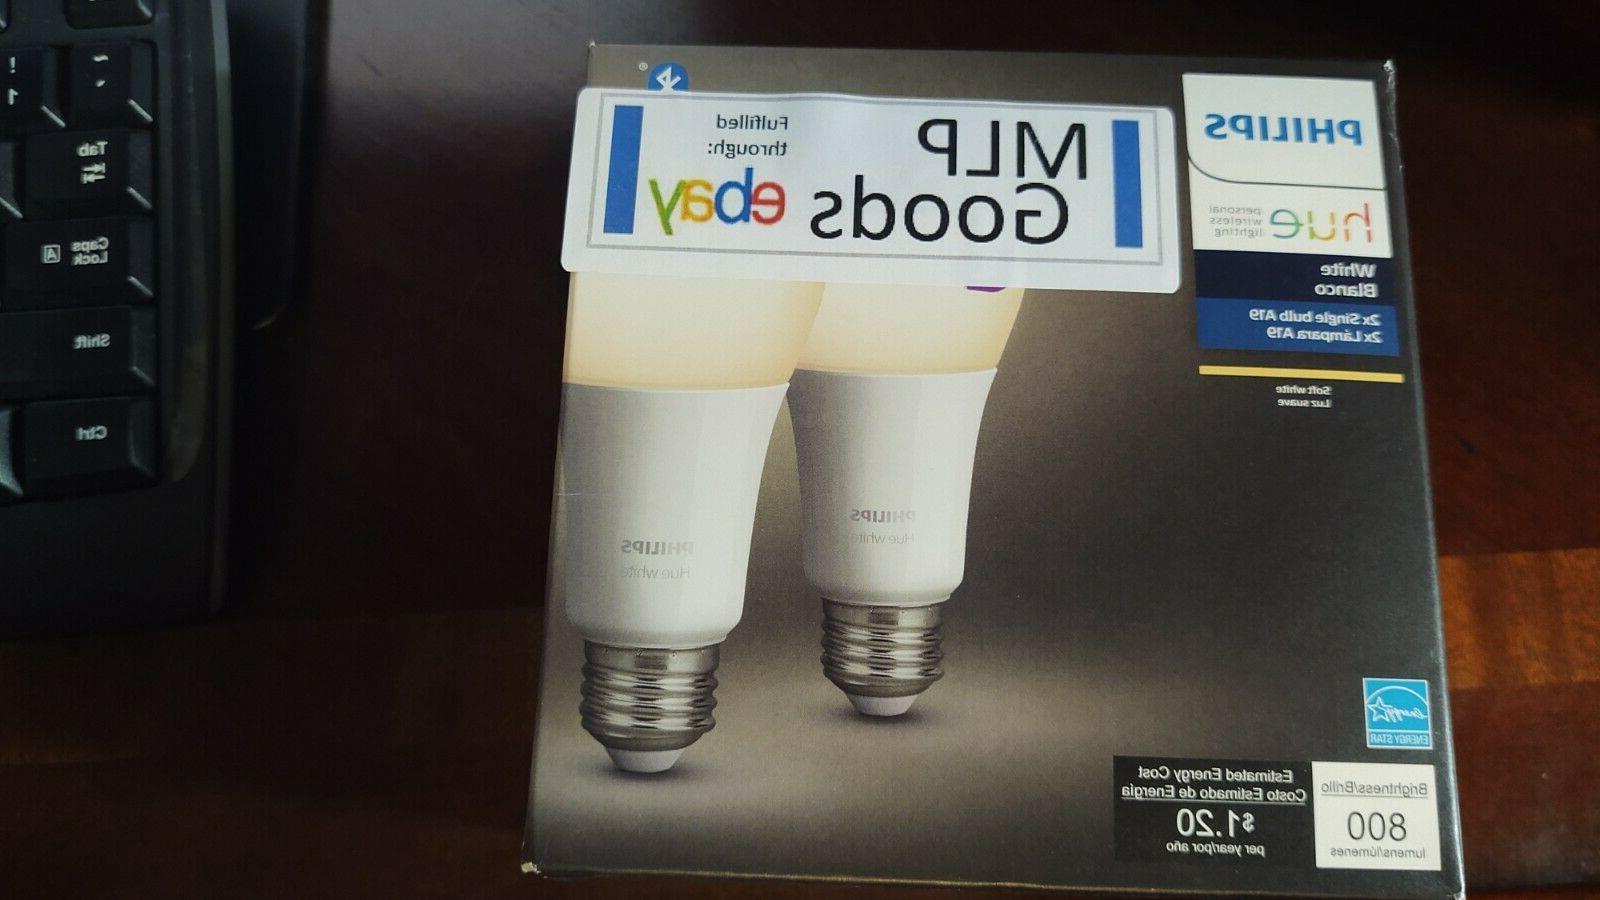 hue white 2 pack a19 led smart